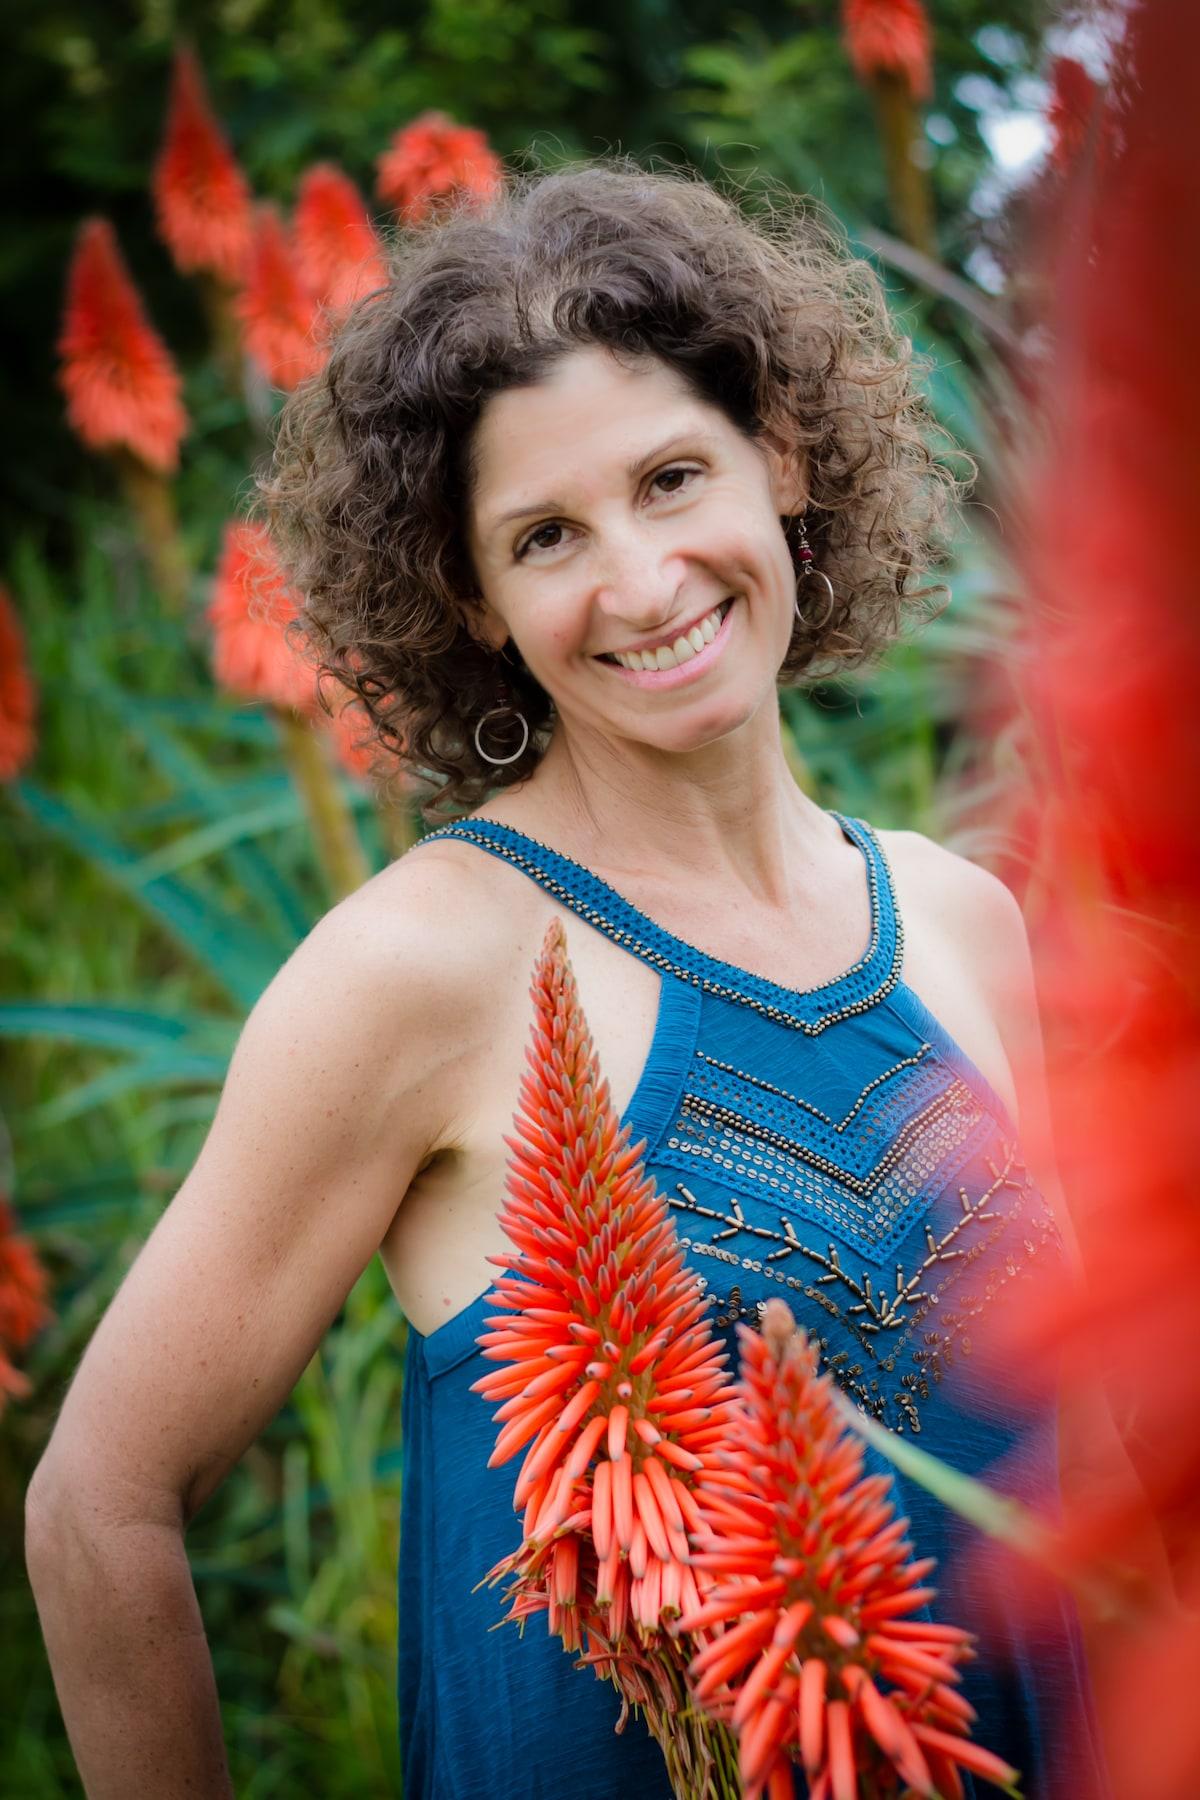 Jodi from Kula